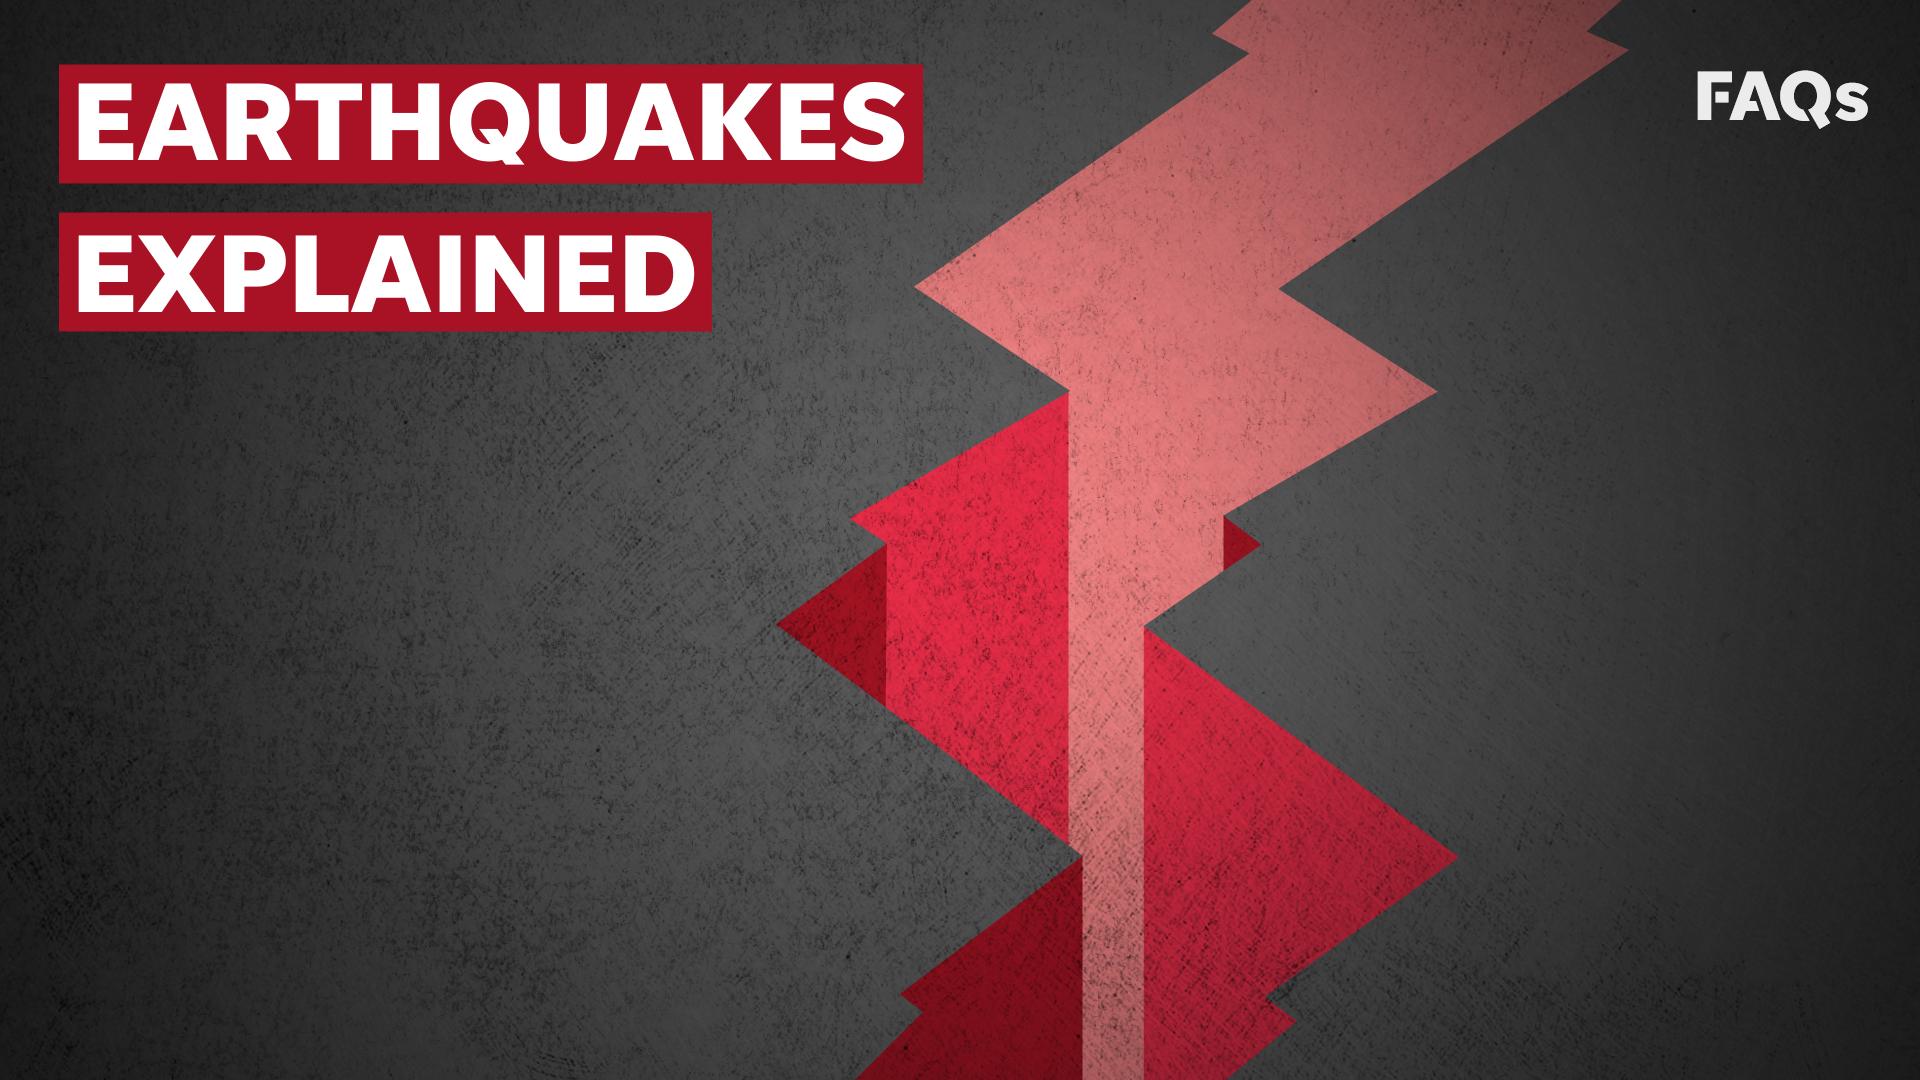 4609c958 cc27 4f5c b922 34348d37f7f1 RectThumb Earthquake